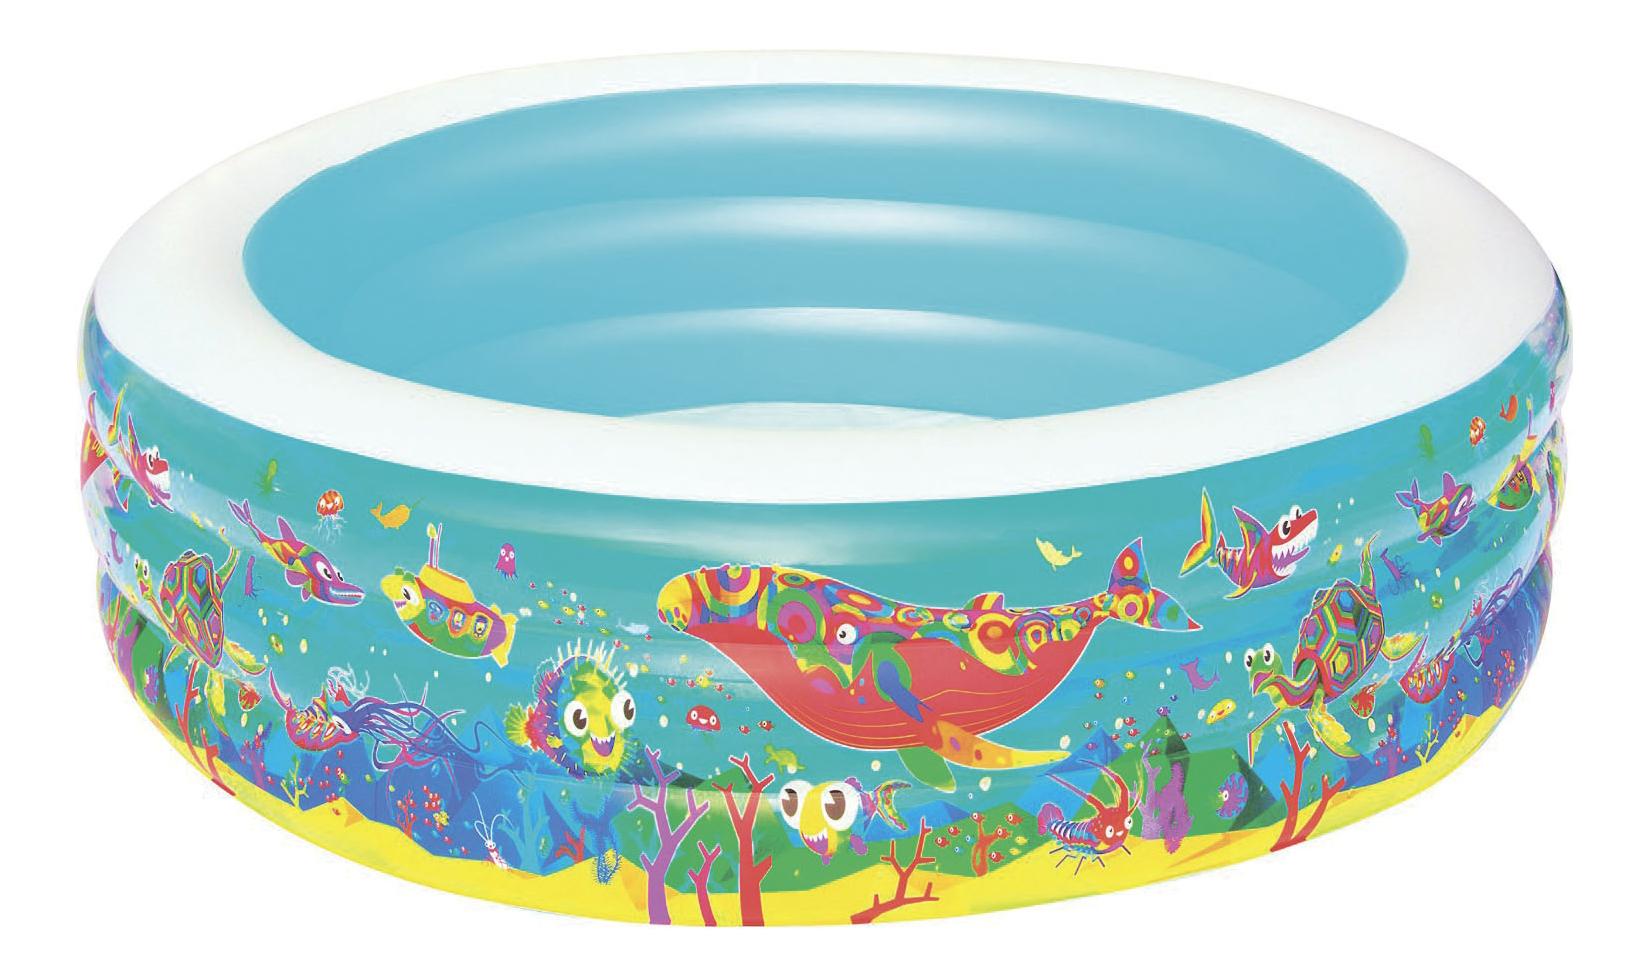 Купить Детский круглый бассейн BestWay 51122 Подводный мир , 196х53 см, Детские бассейны